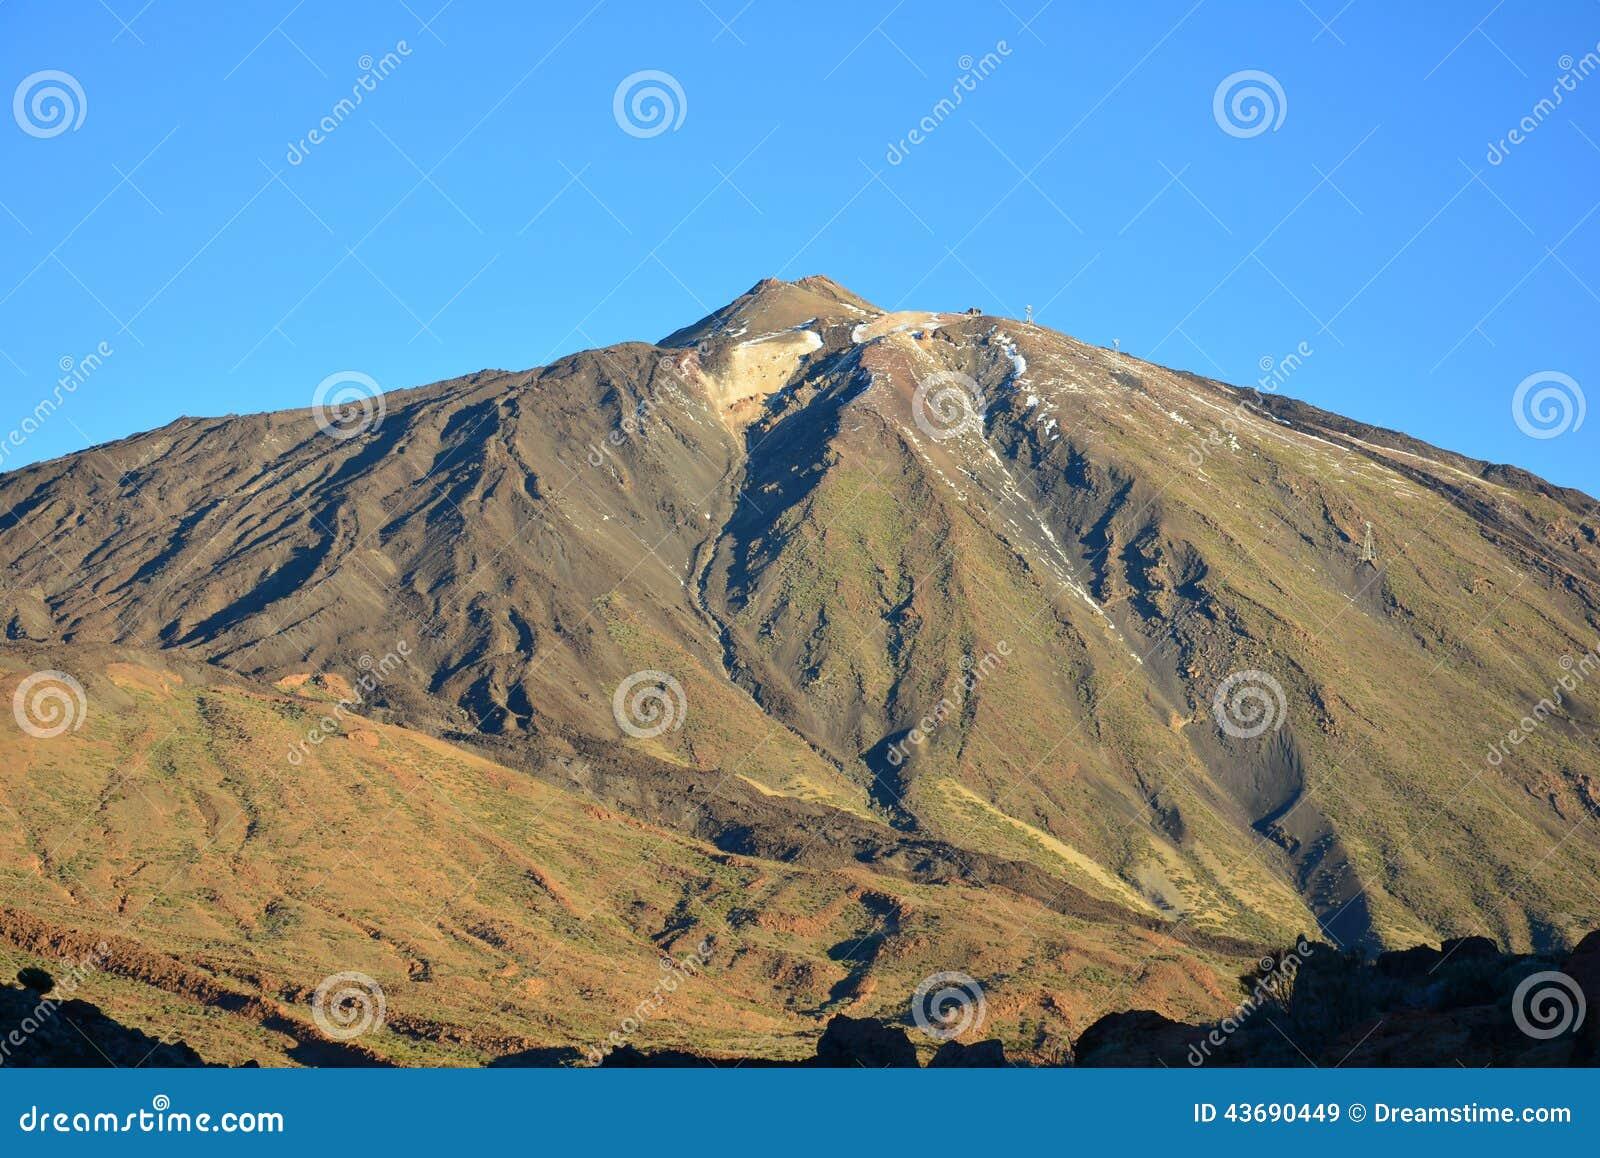 Οι απότομοι βράχοι ηφαιστείων λάβας βουνών λικνίζουν Πλάτωνα, ανατολή στα βουνά, τοπίο βουνών, τοπίο, Teide